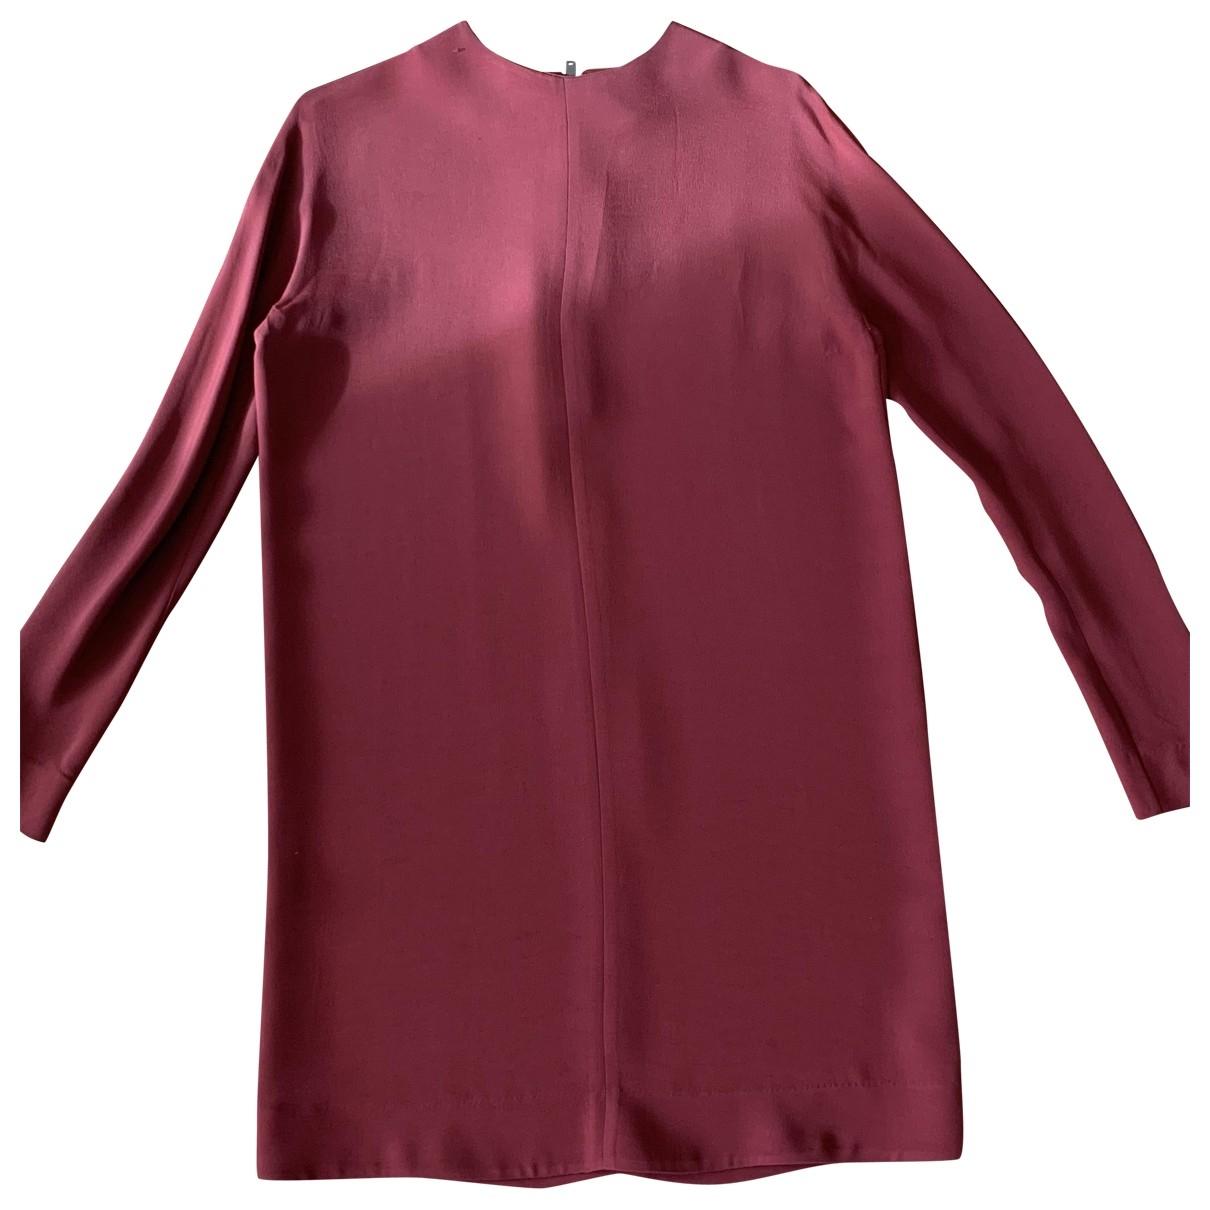 Cos - Robe   pour femme - bordeaux